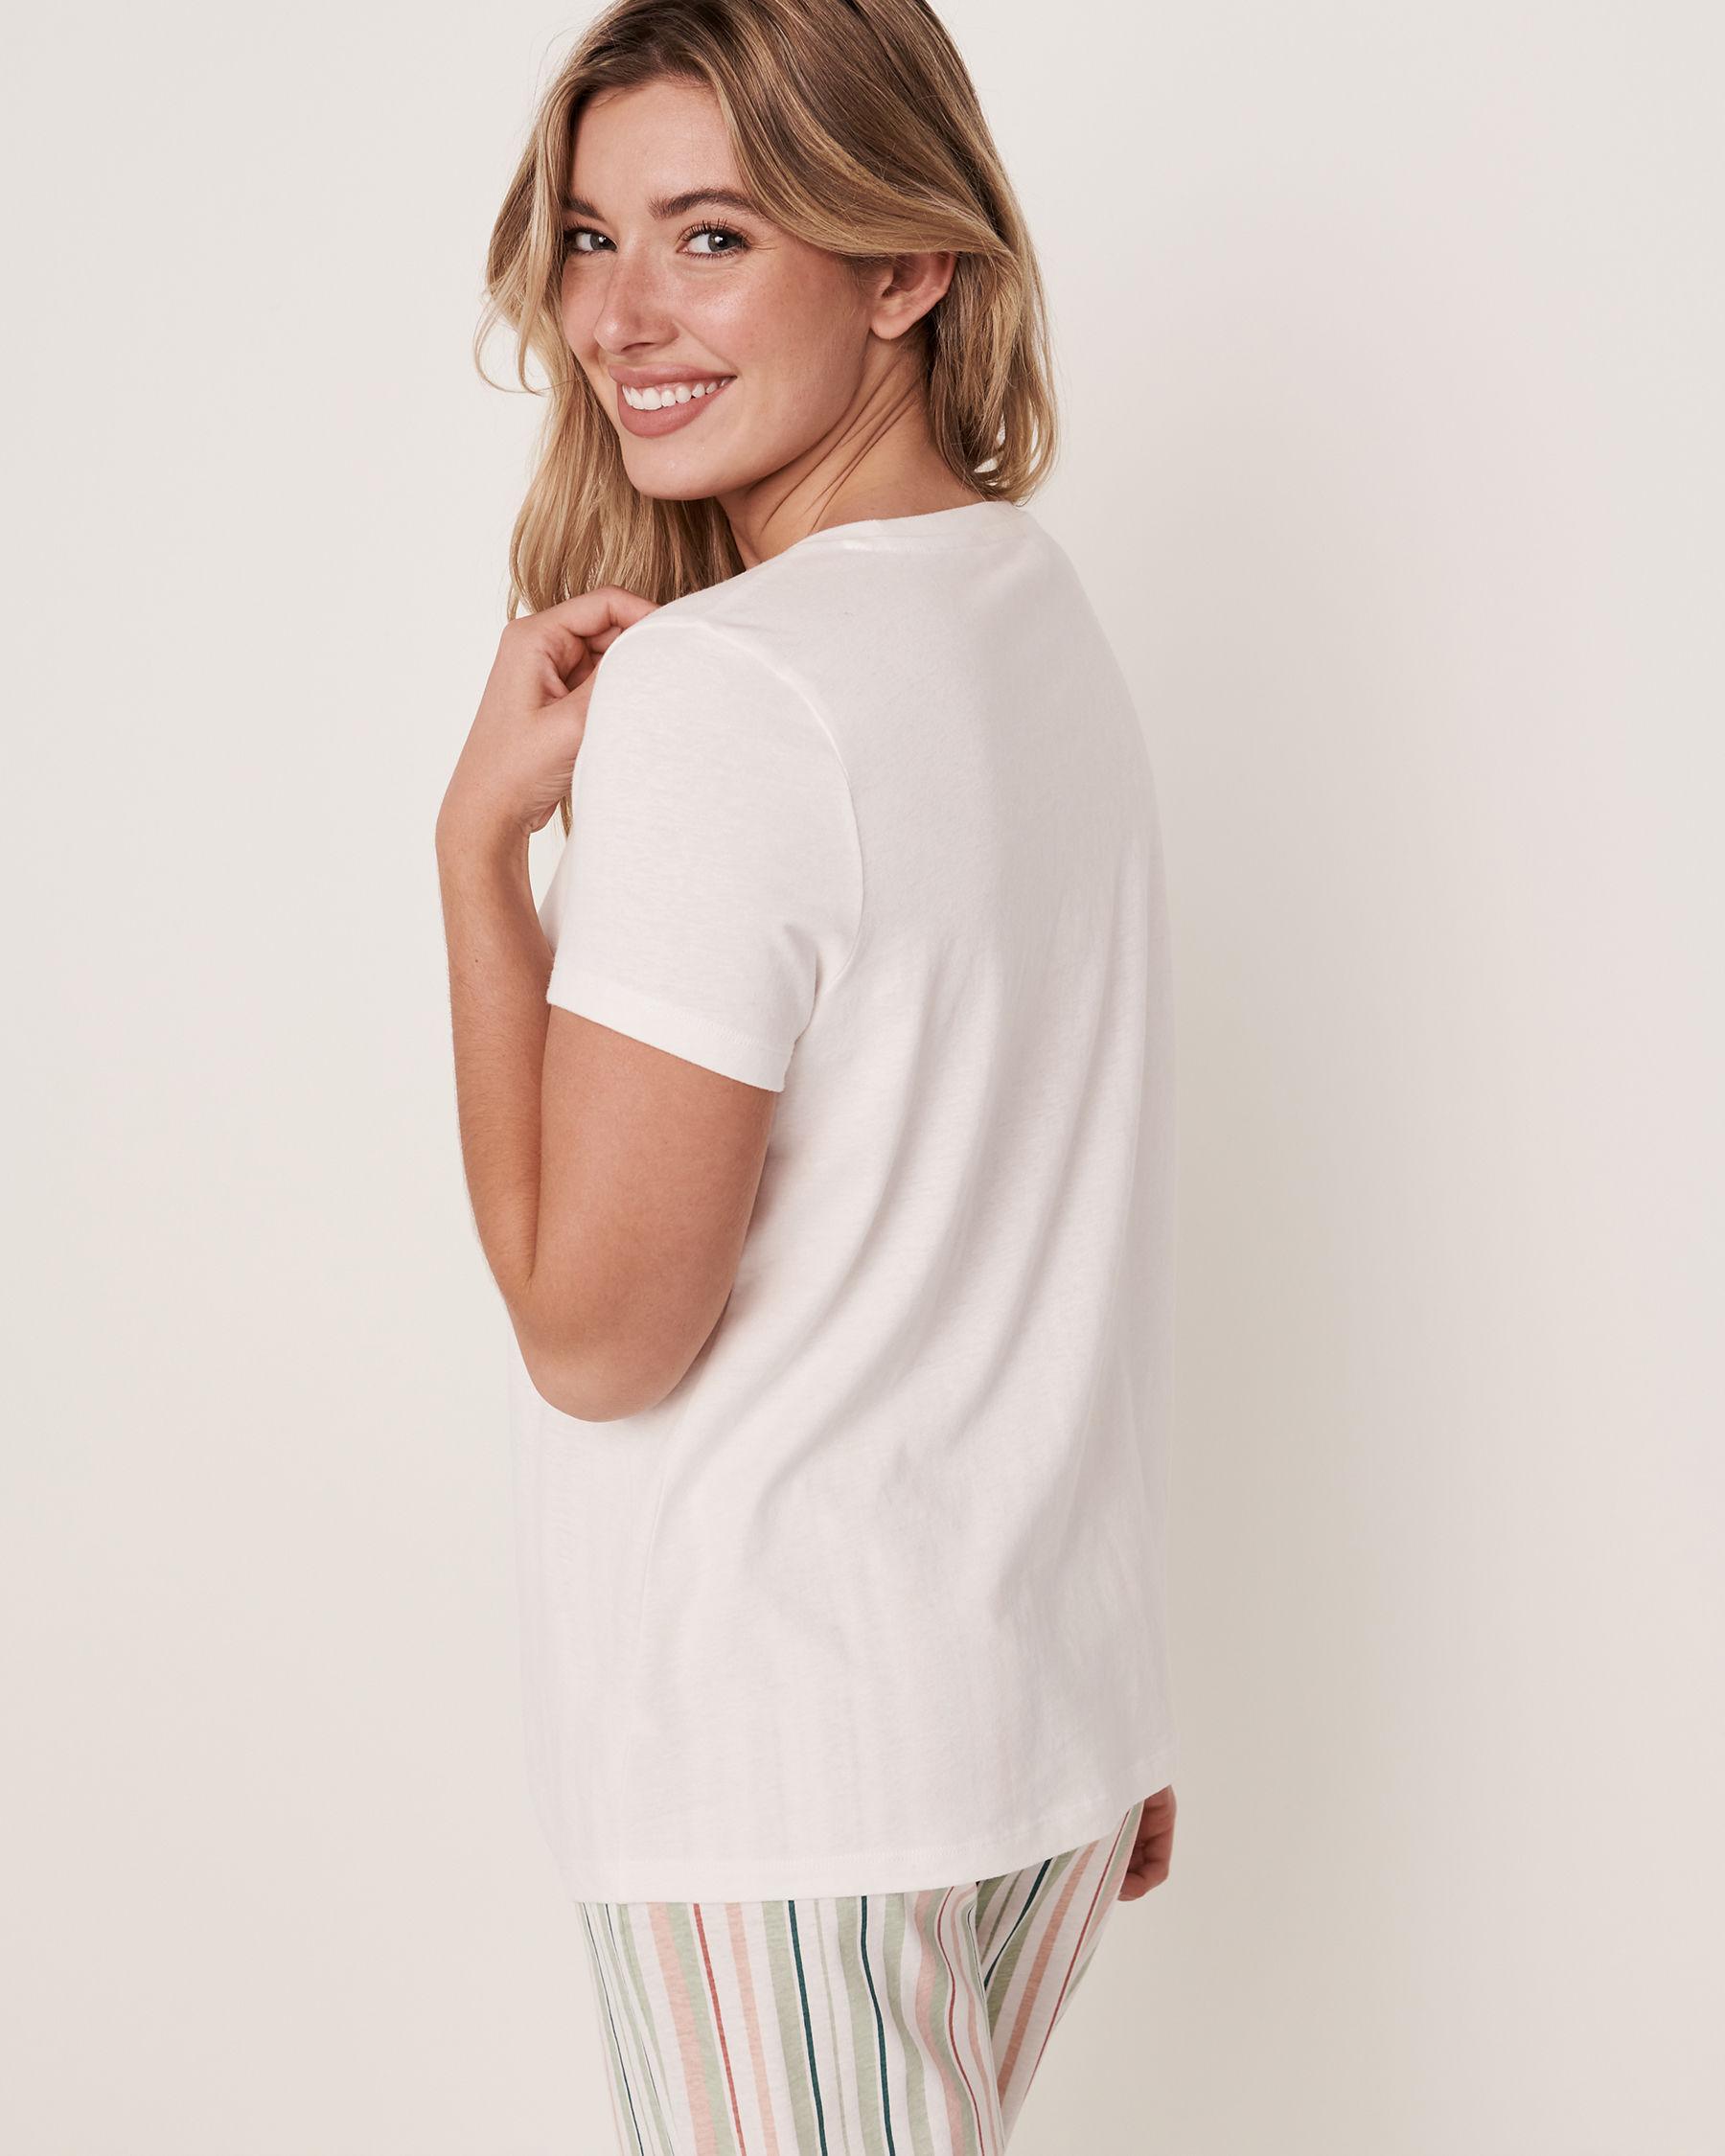 LA VIE EN ROSE Twisted T-shirt White 40100097 - View4